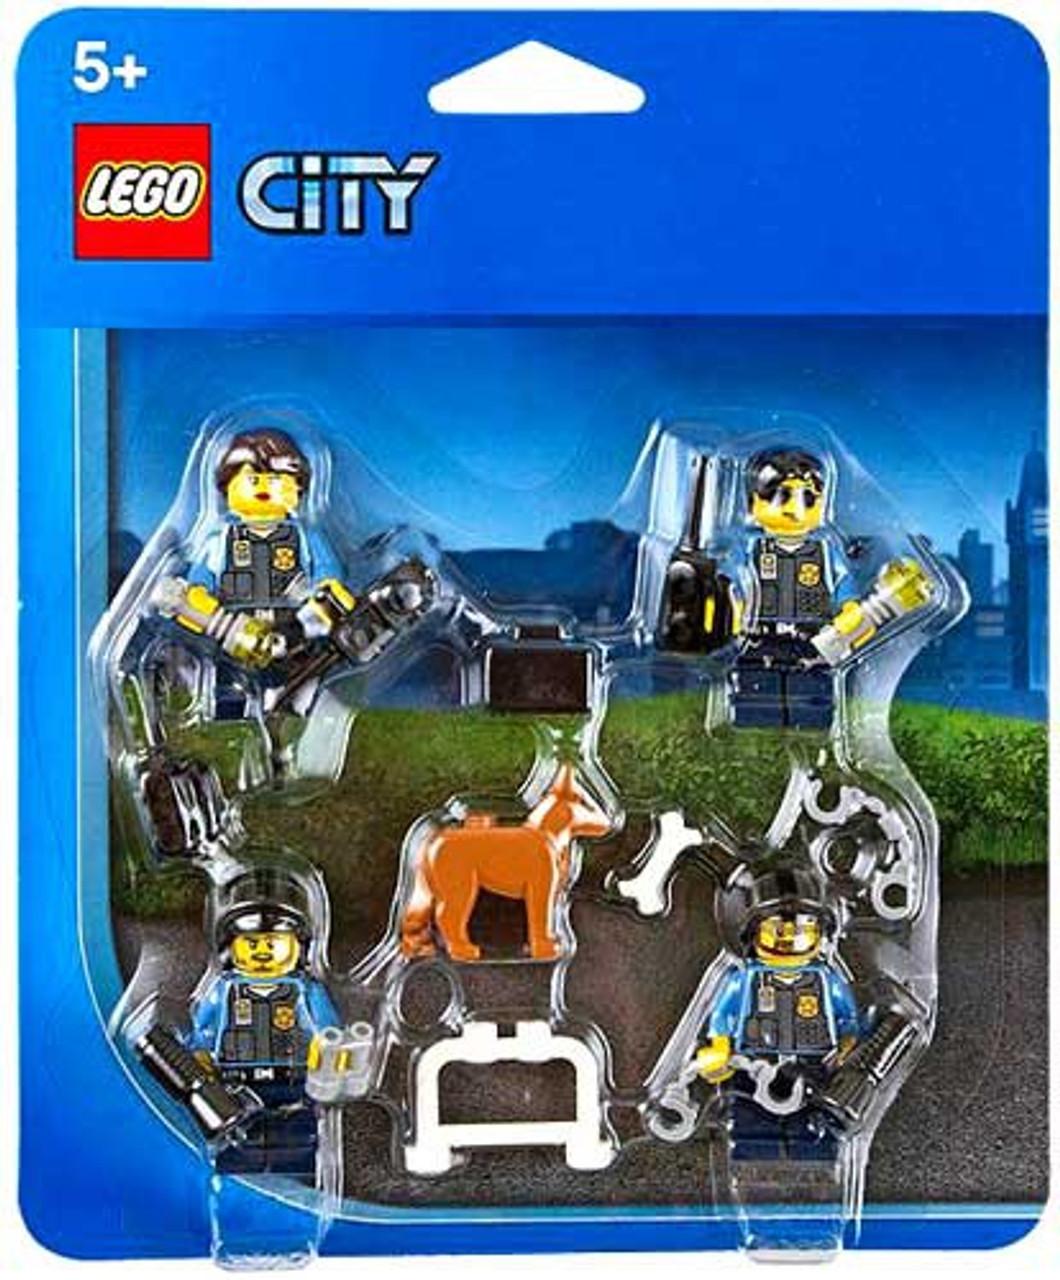 Lego City Police Minifigures Set 850617 Toywiz